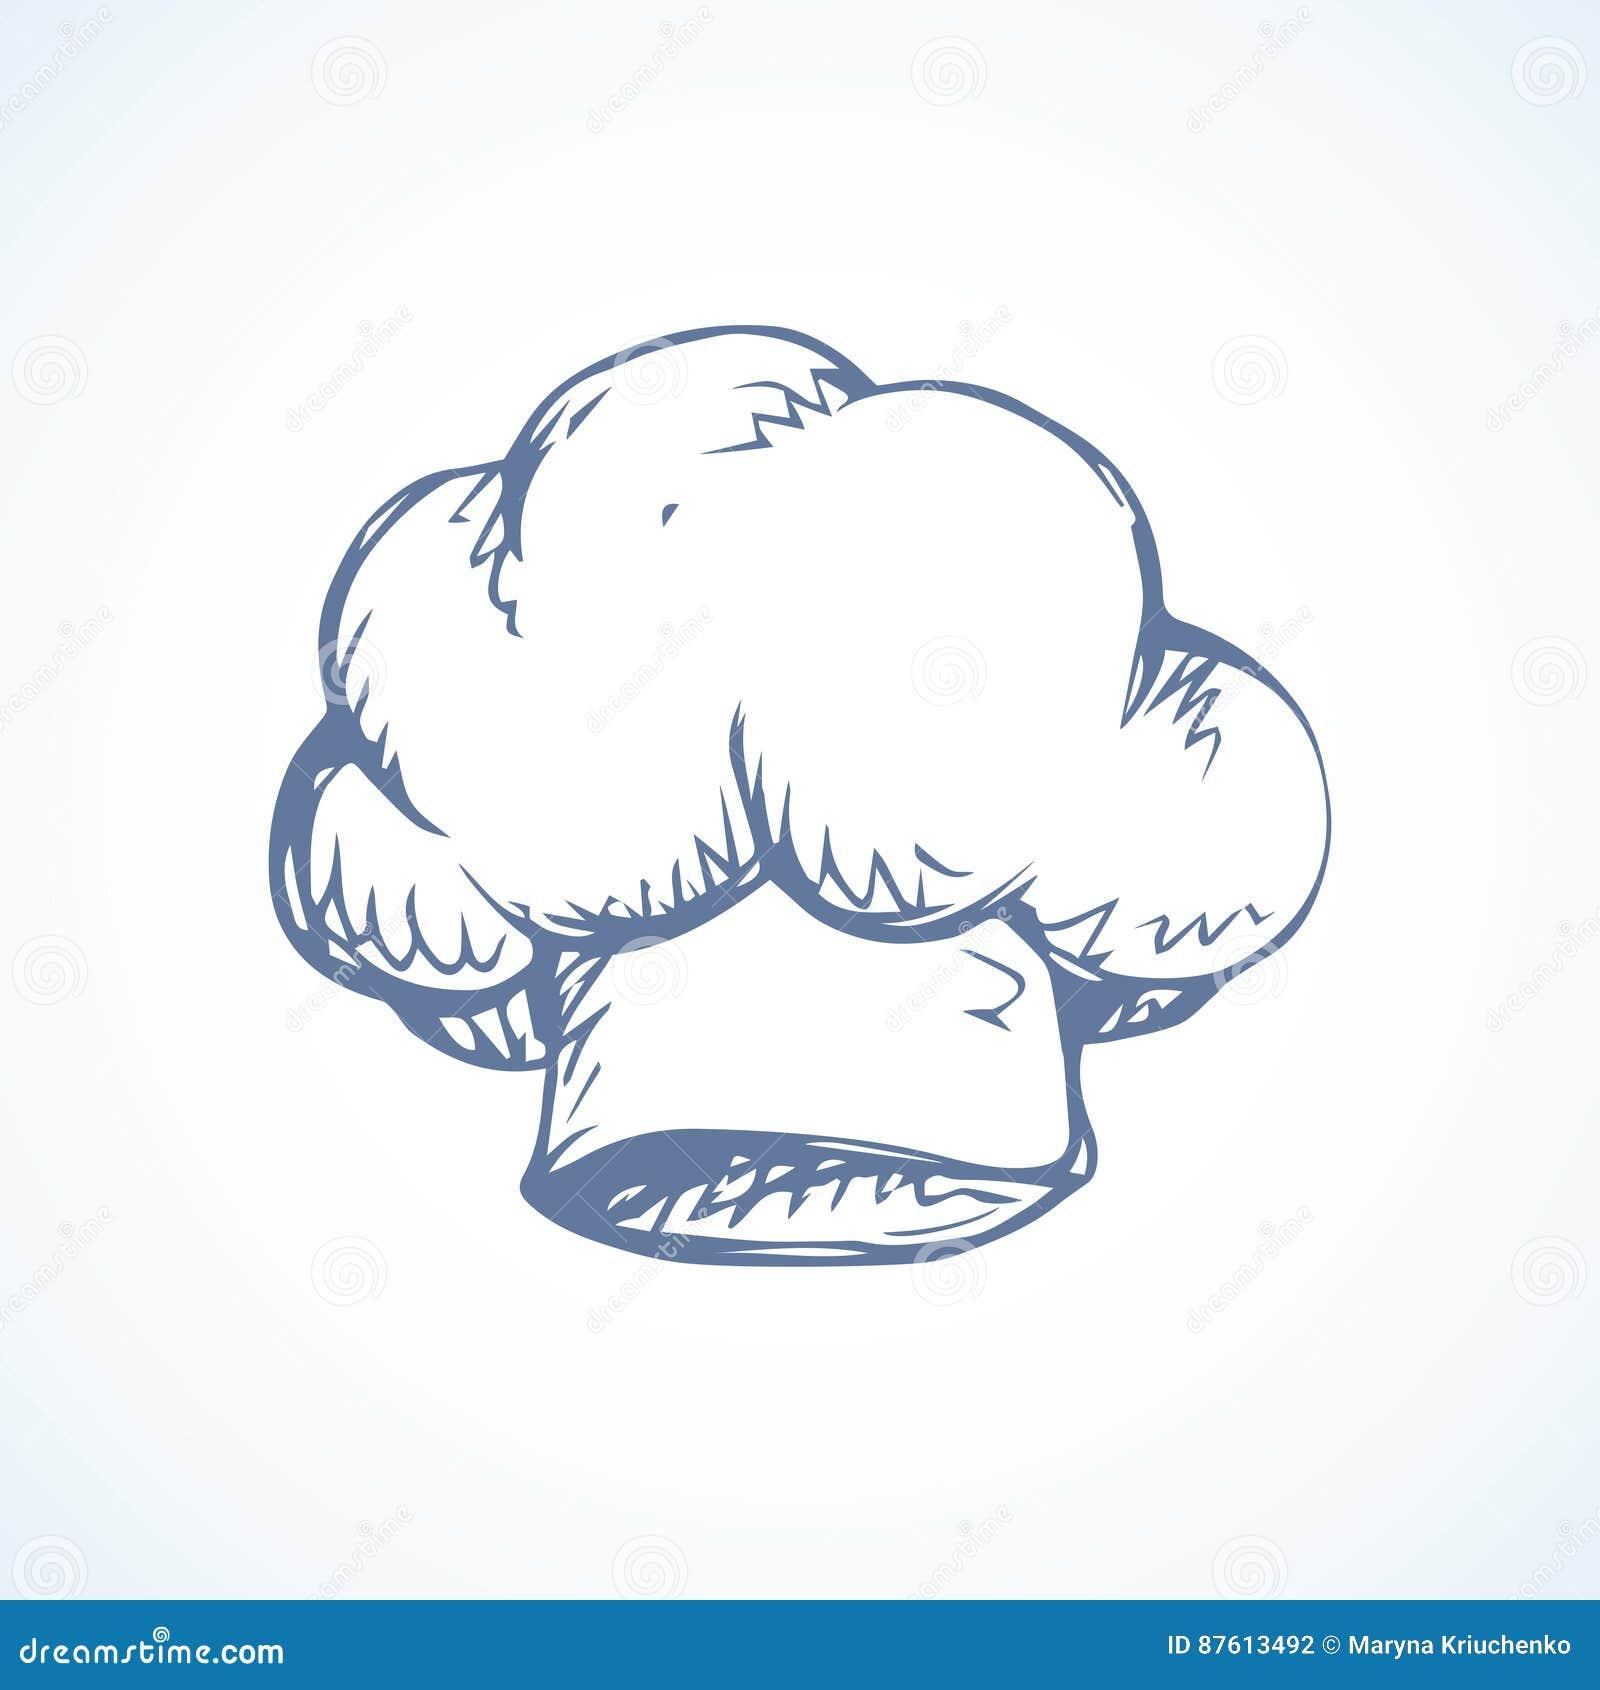 ... leggero Logo disegnato a mano dell immagine del profilo dell inchiostro  a mano libera del nero impreciso penna di stile dello scarabocchio di arte  nella ... 6973baef0a0d